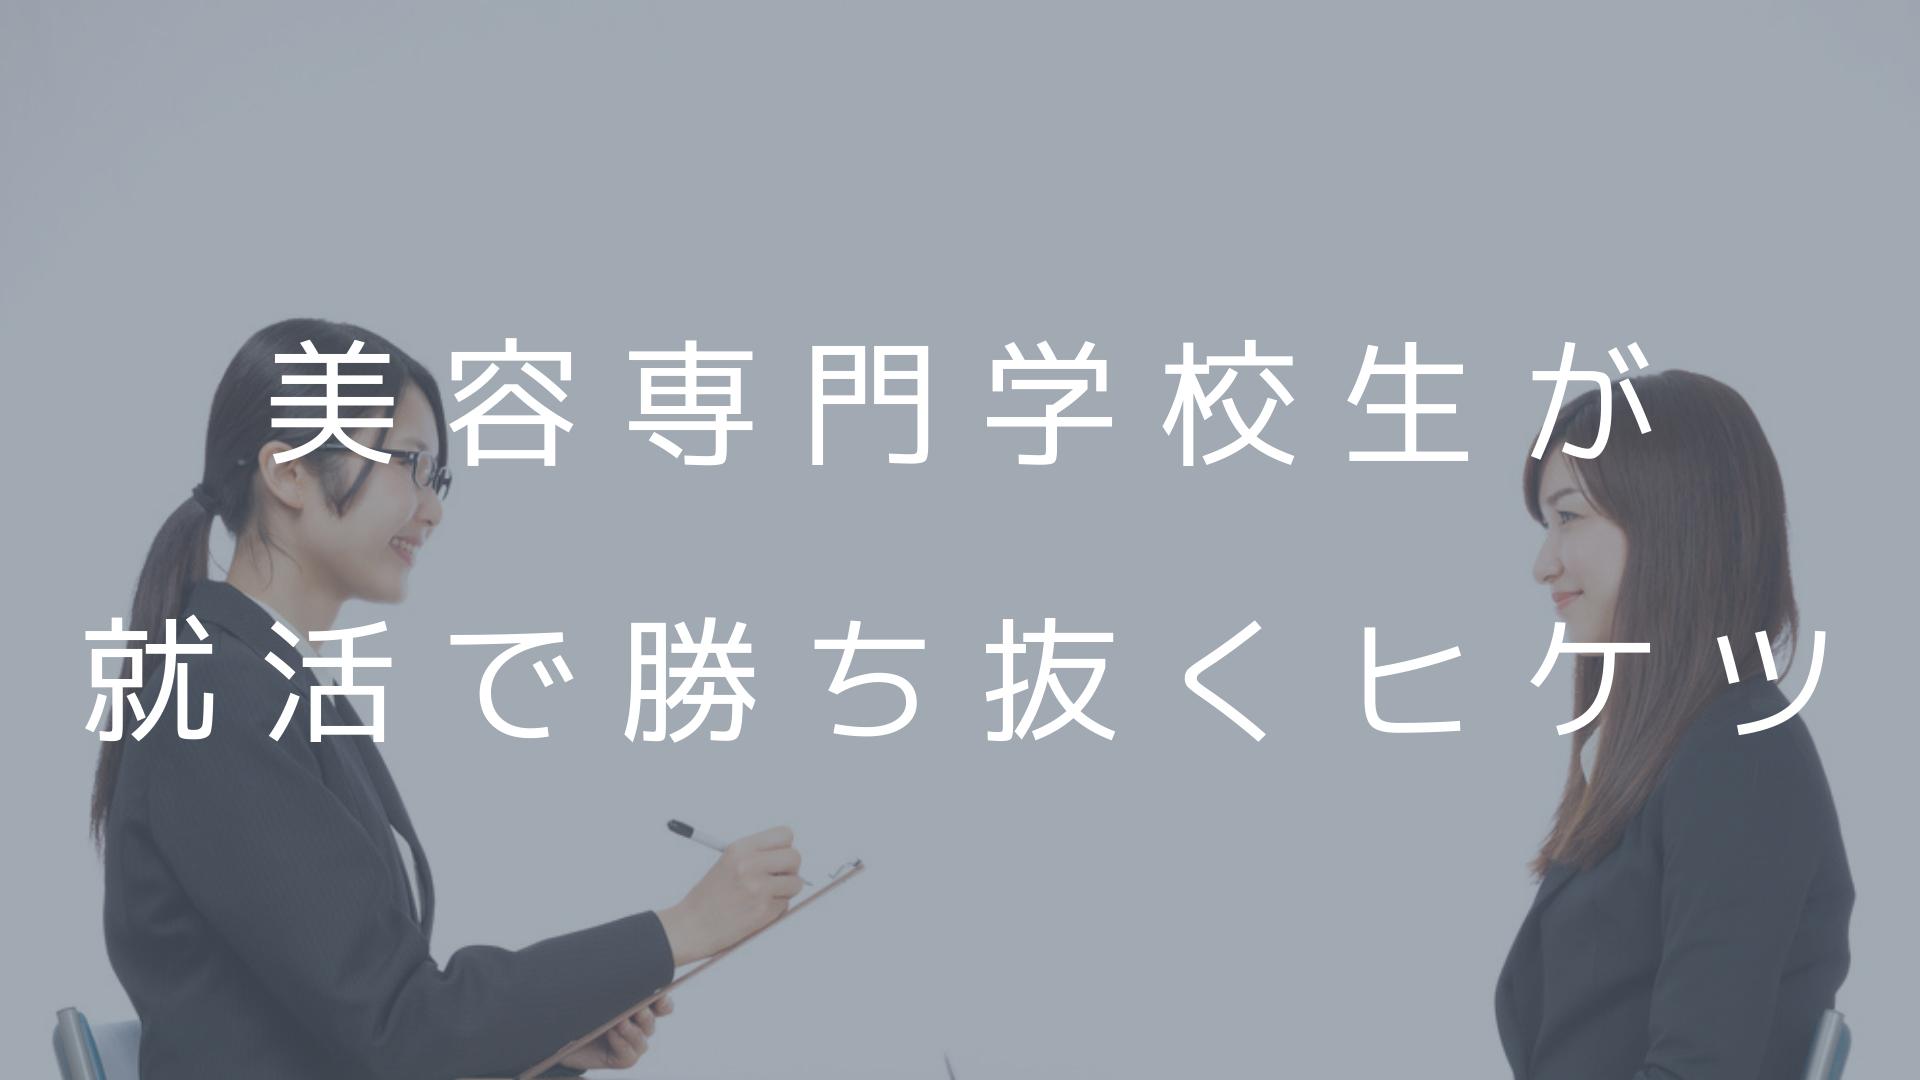 【美容部員×就活】美容専門学校生が就活で勝ち抜くヒケツ